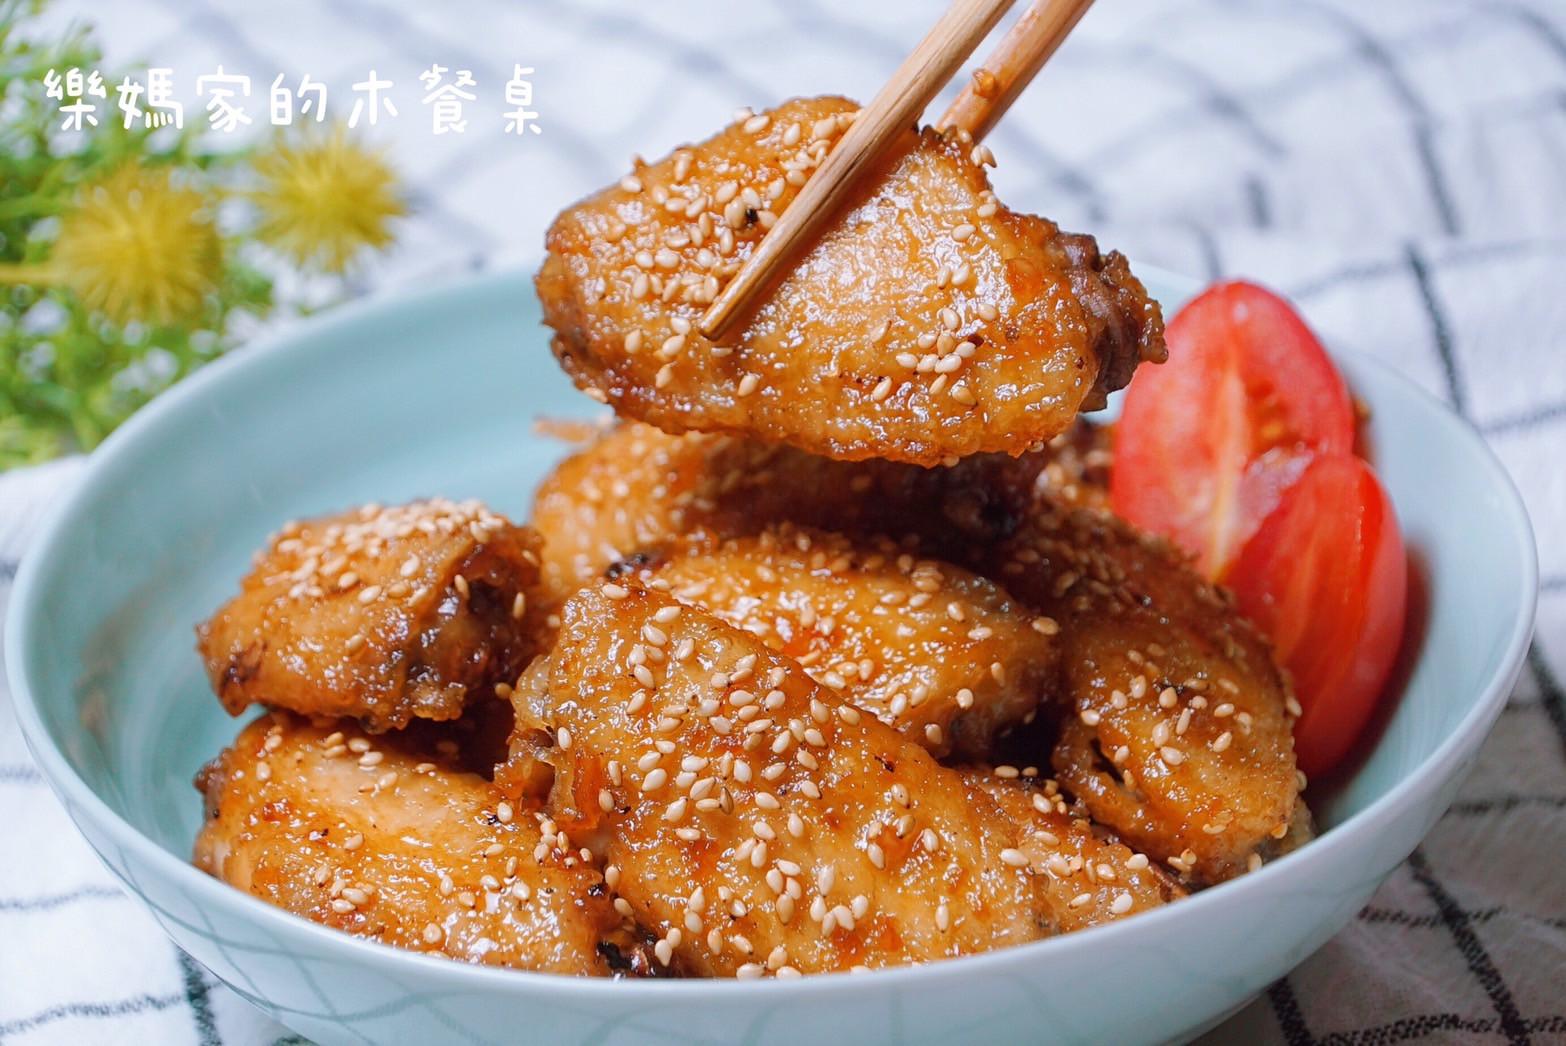 日式炸雞翅 / 名古屋手羽先唐揚